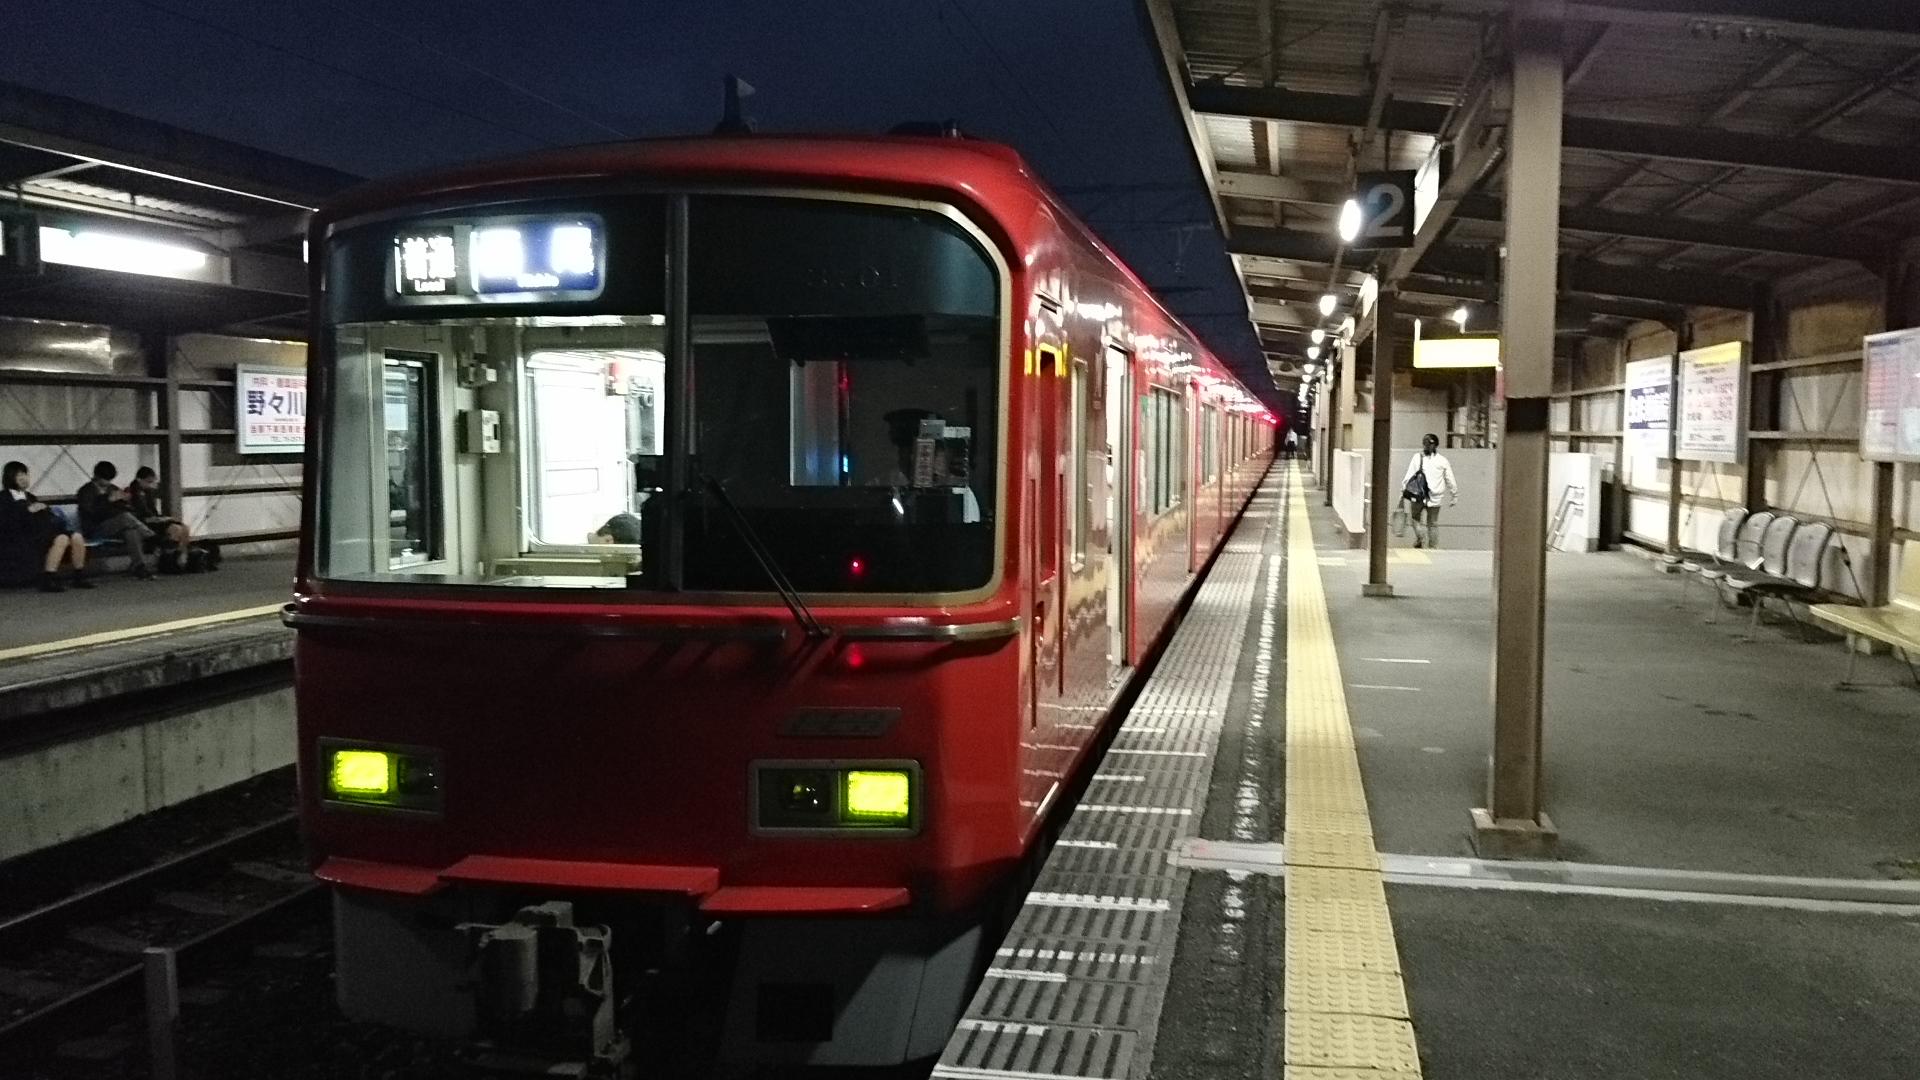 2016.10.19 西尾いきふつう (2) みなみあんじょう